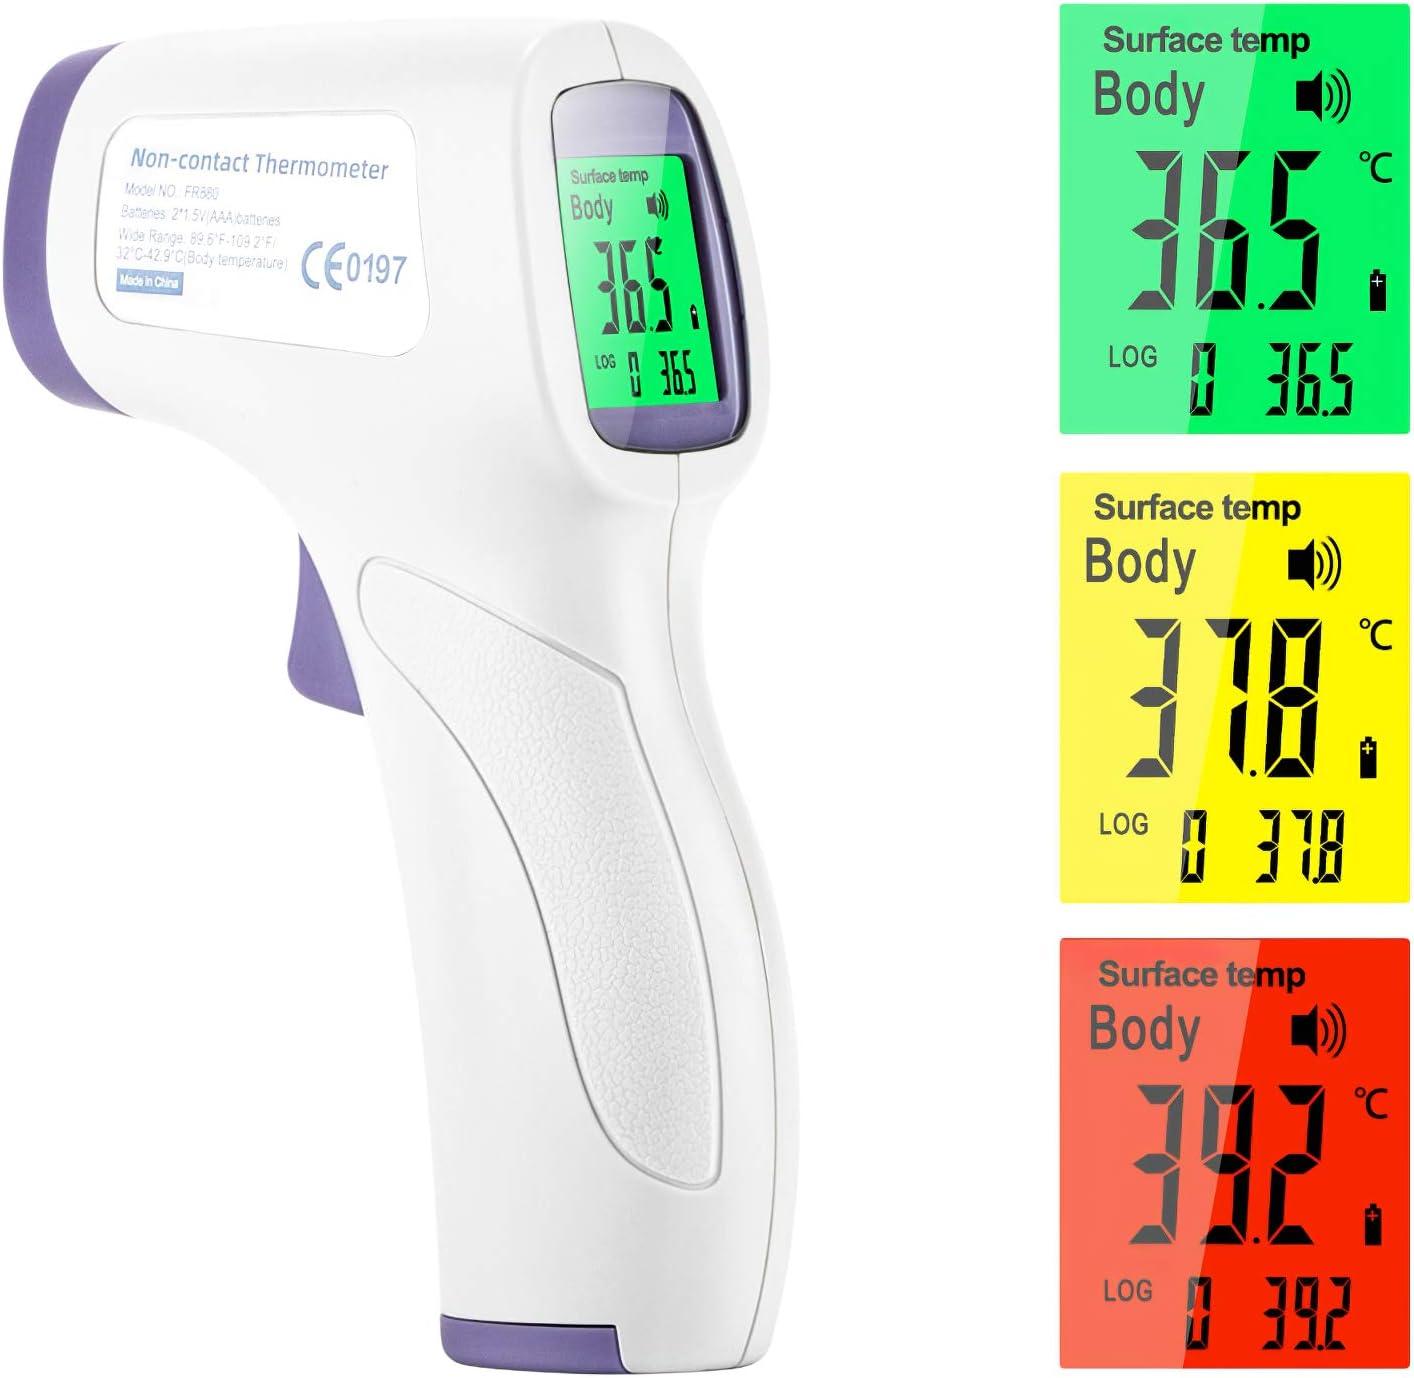 Eventronic Termómetro de frente infrarrojo digital Medición de temperatura de alta precisión sin contacto, con lectura inmediata para bebés y adultos